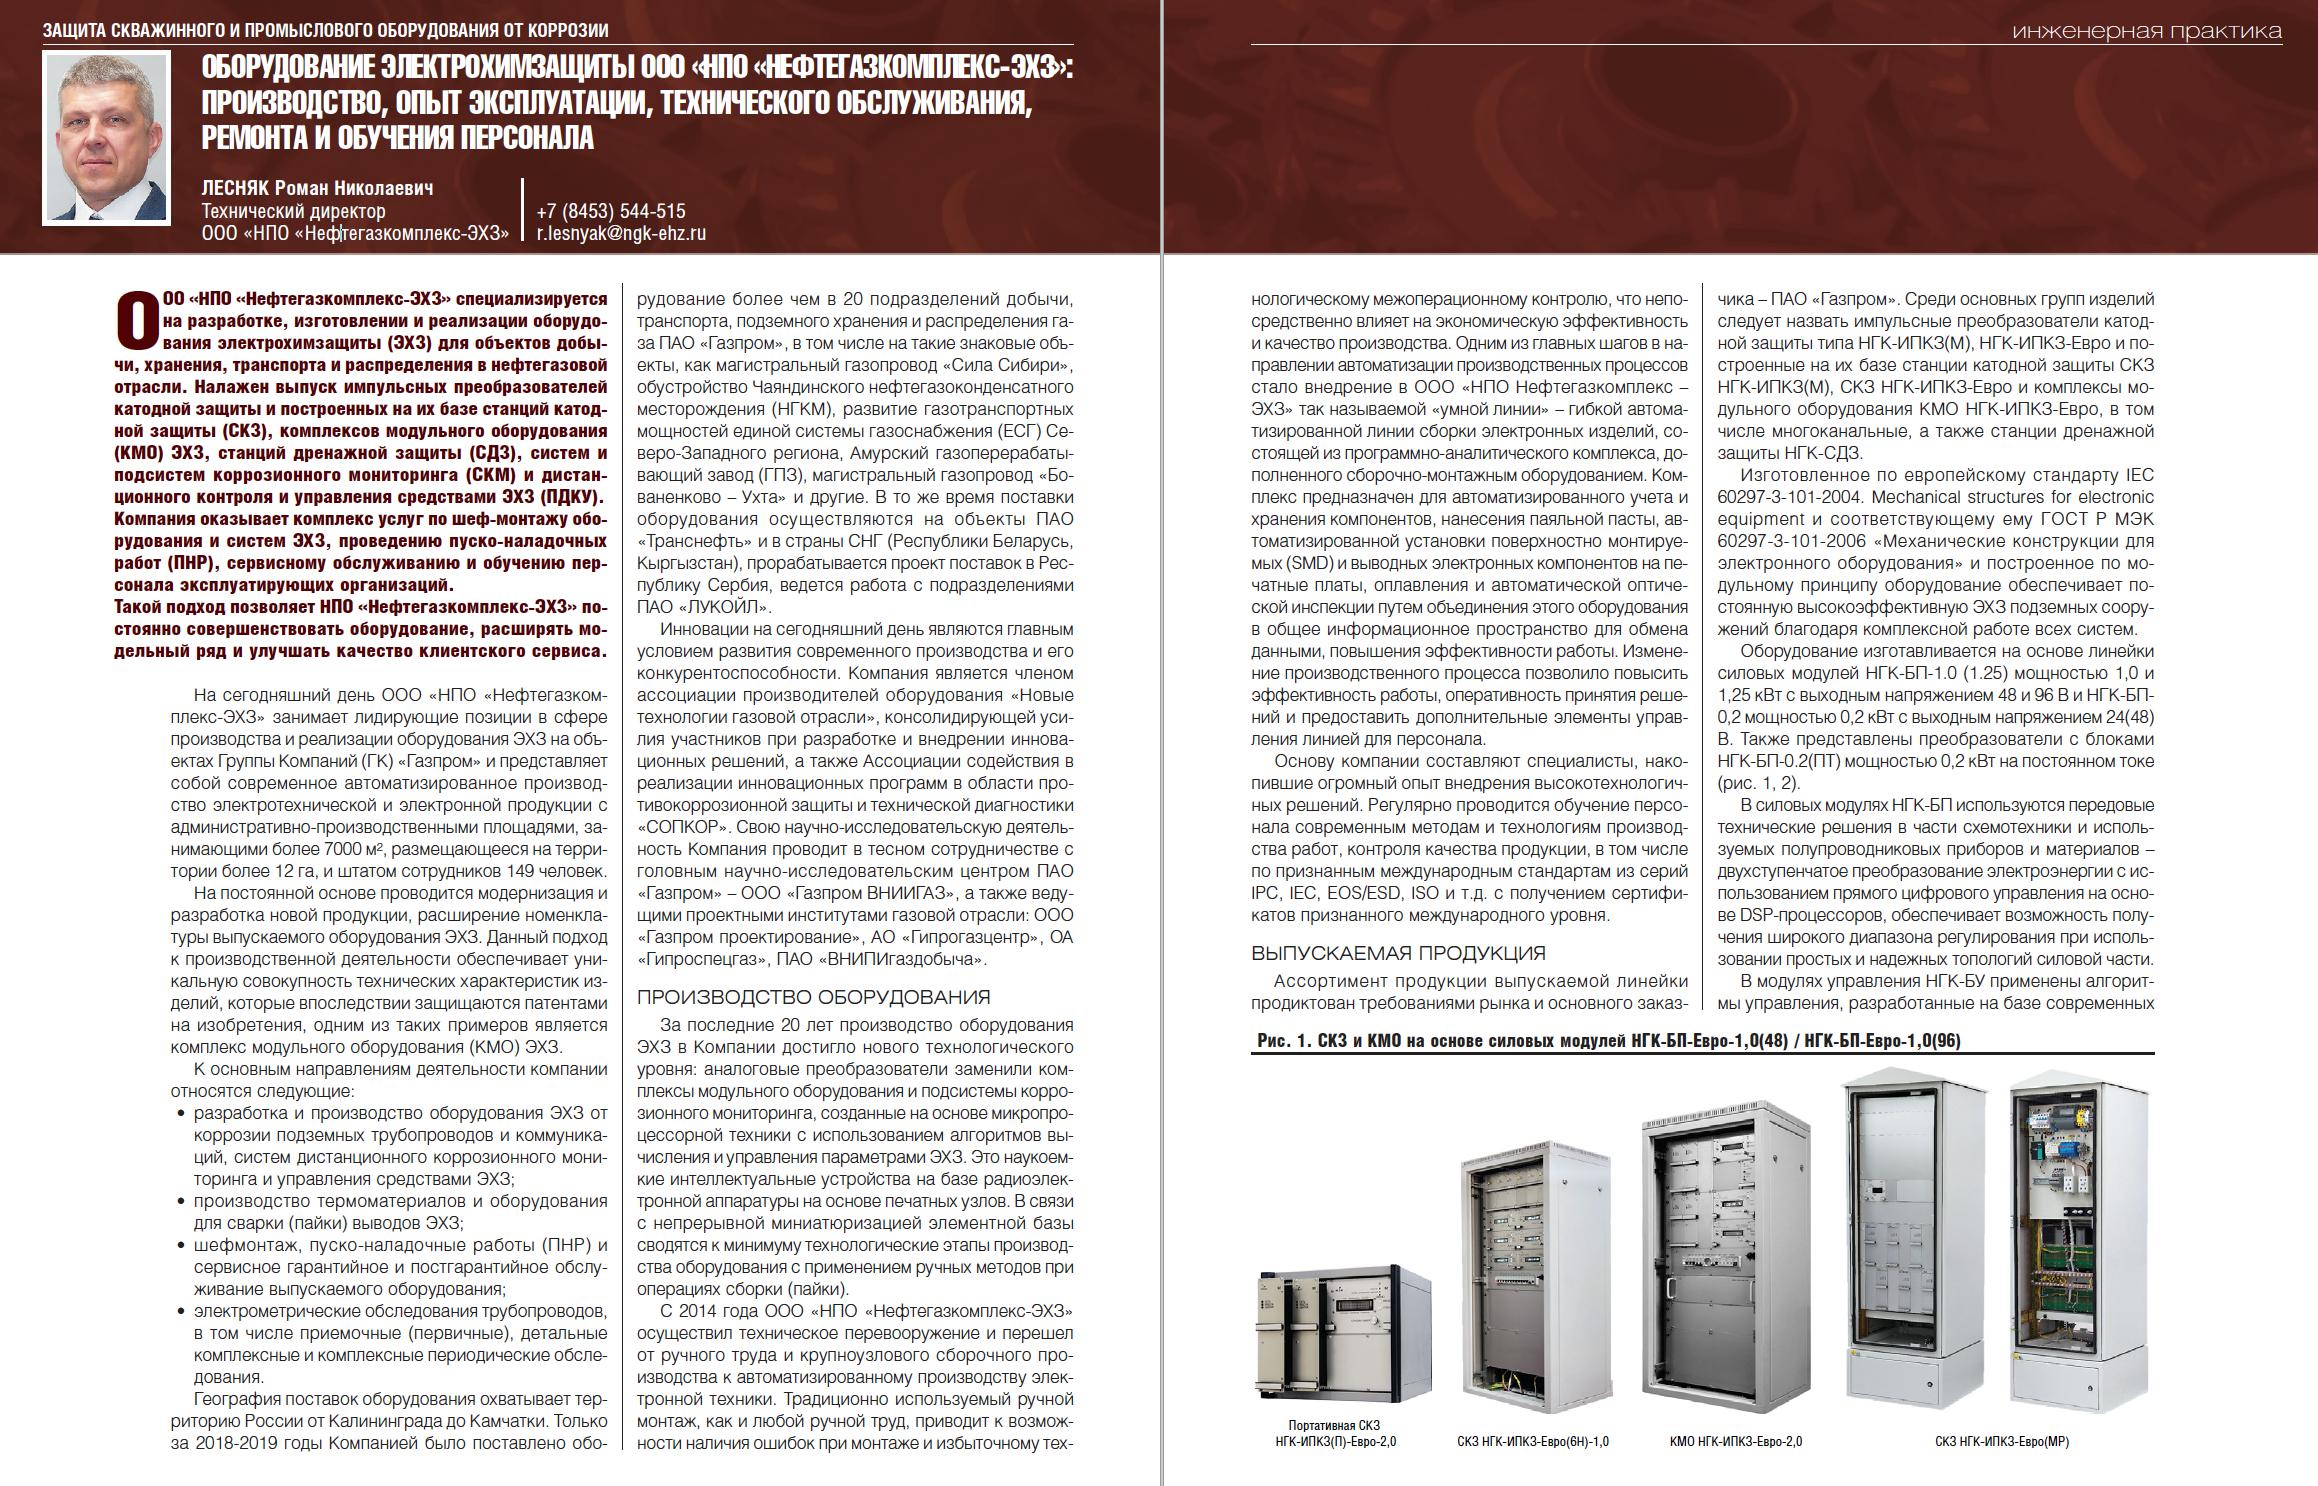 33532 Оборудование электрохимзащиты ООО «НПО «Нефтегазкомплекс-ЭХЗ»